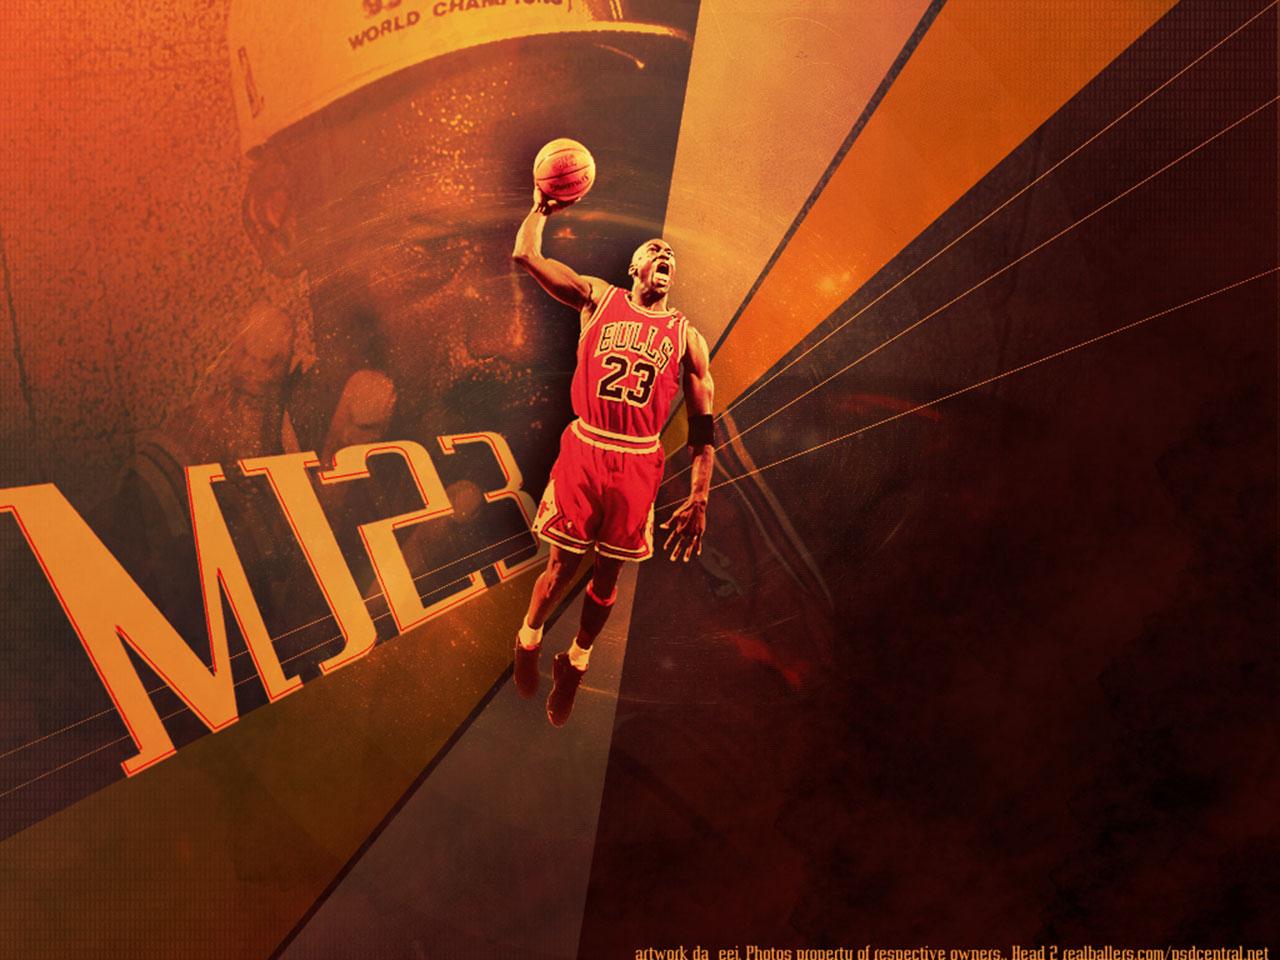 http://3.bp.blogspot.com/-x2k53irFe0o/Ta77HXGVTwI/AAAAAAAAEEs/xRVOYETnOM4/s1600/Michael-Jordan-Bulls-1280x960-Wallpaper.jpg